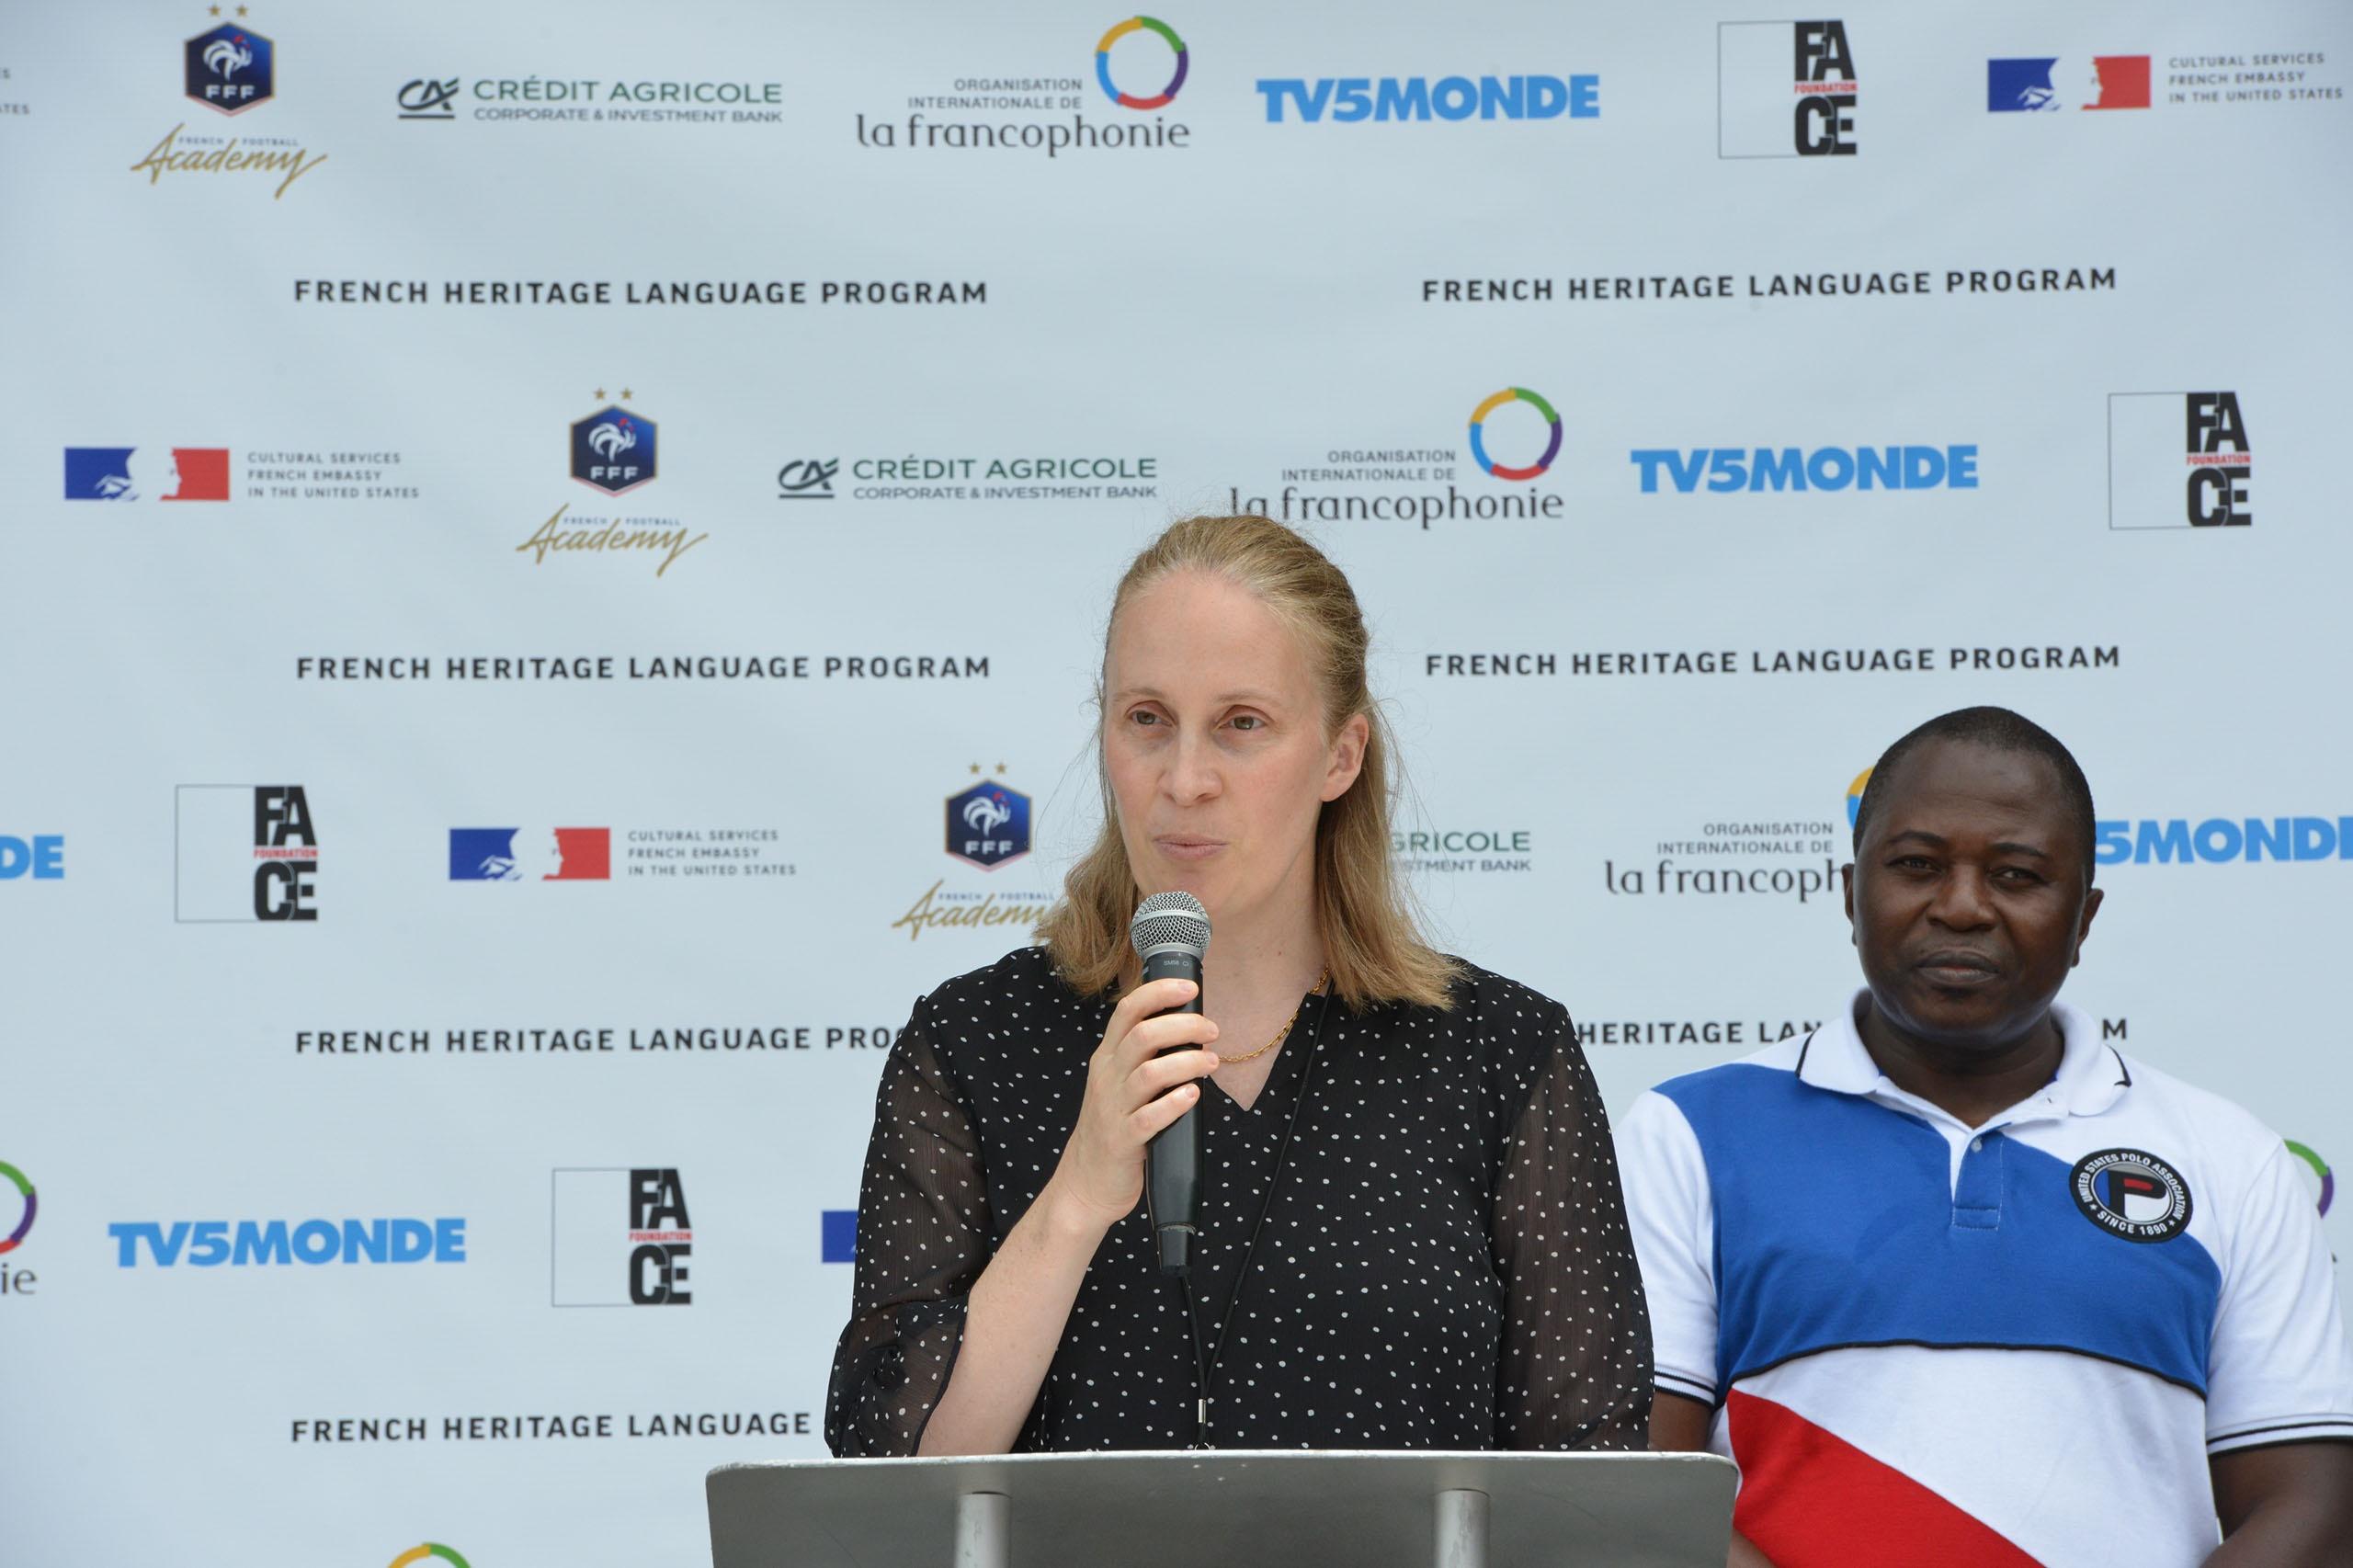 Patricia Herdt, Chargée d'Affaires auprès de la Représentation Permanente de l'OIF auprès des Nations Unies